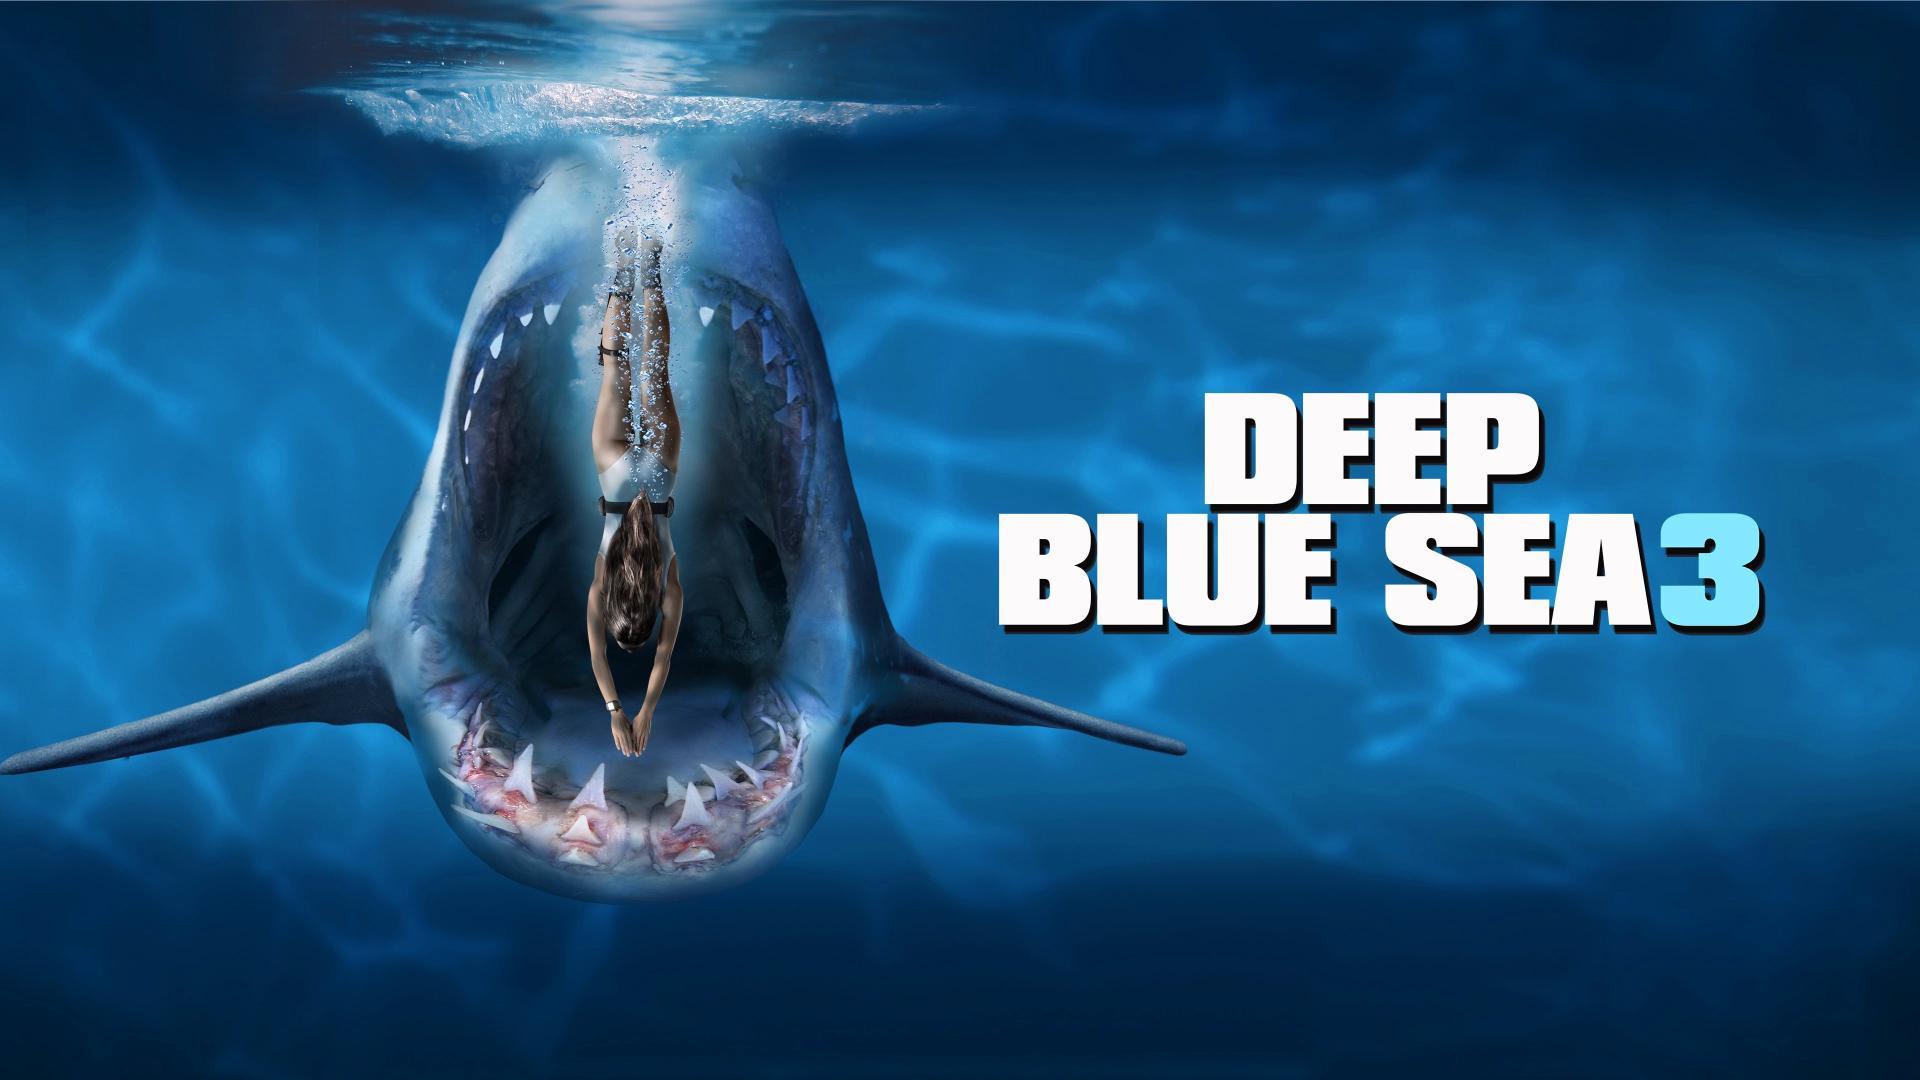 Deep Blue Sea 3 - Háborgó mélység 3. (2020)